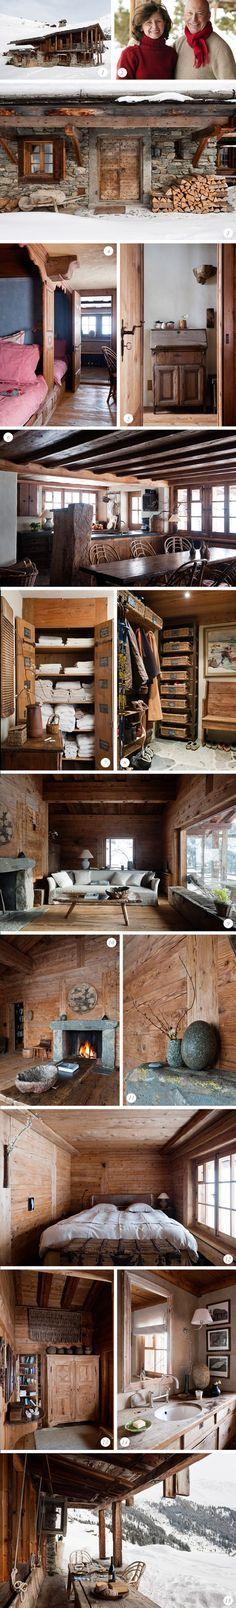 Die besten 25+ Deckengestaltung Ideen auf Pinterest Holzlamellen - deckengestaltung teil 1